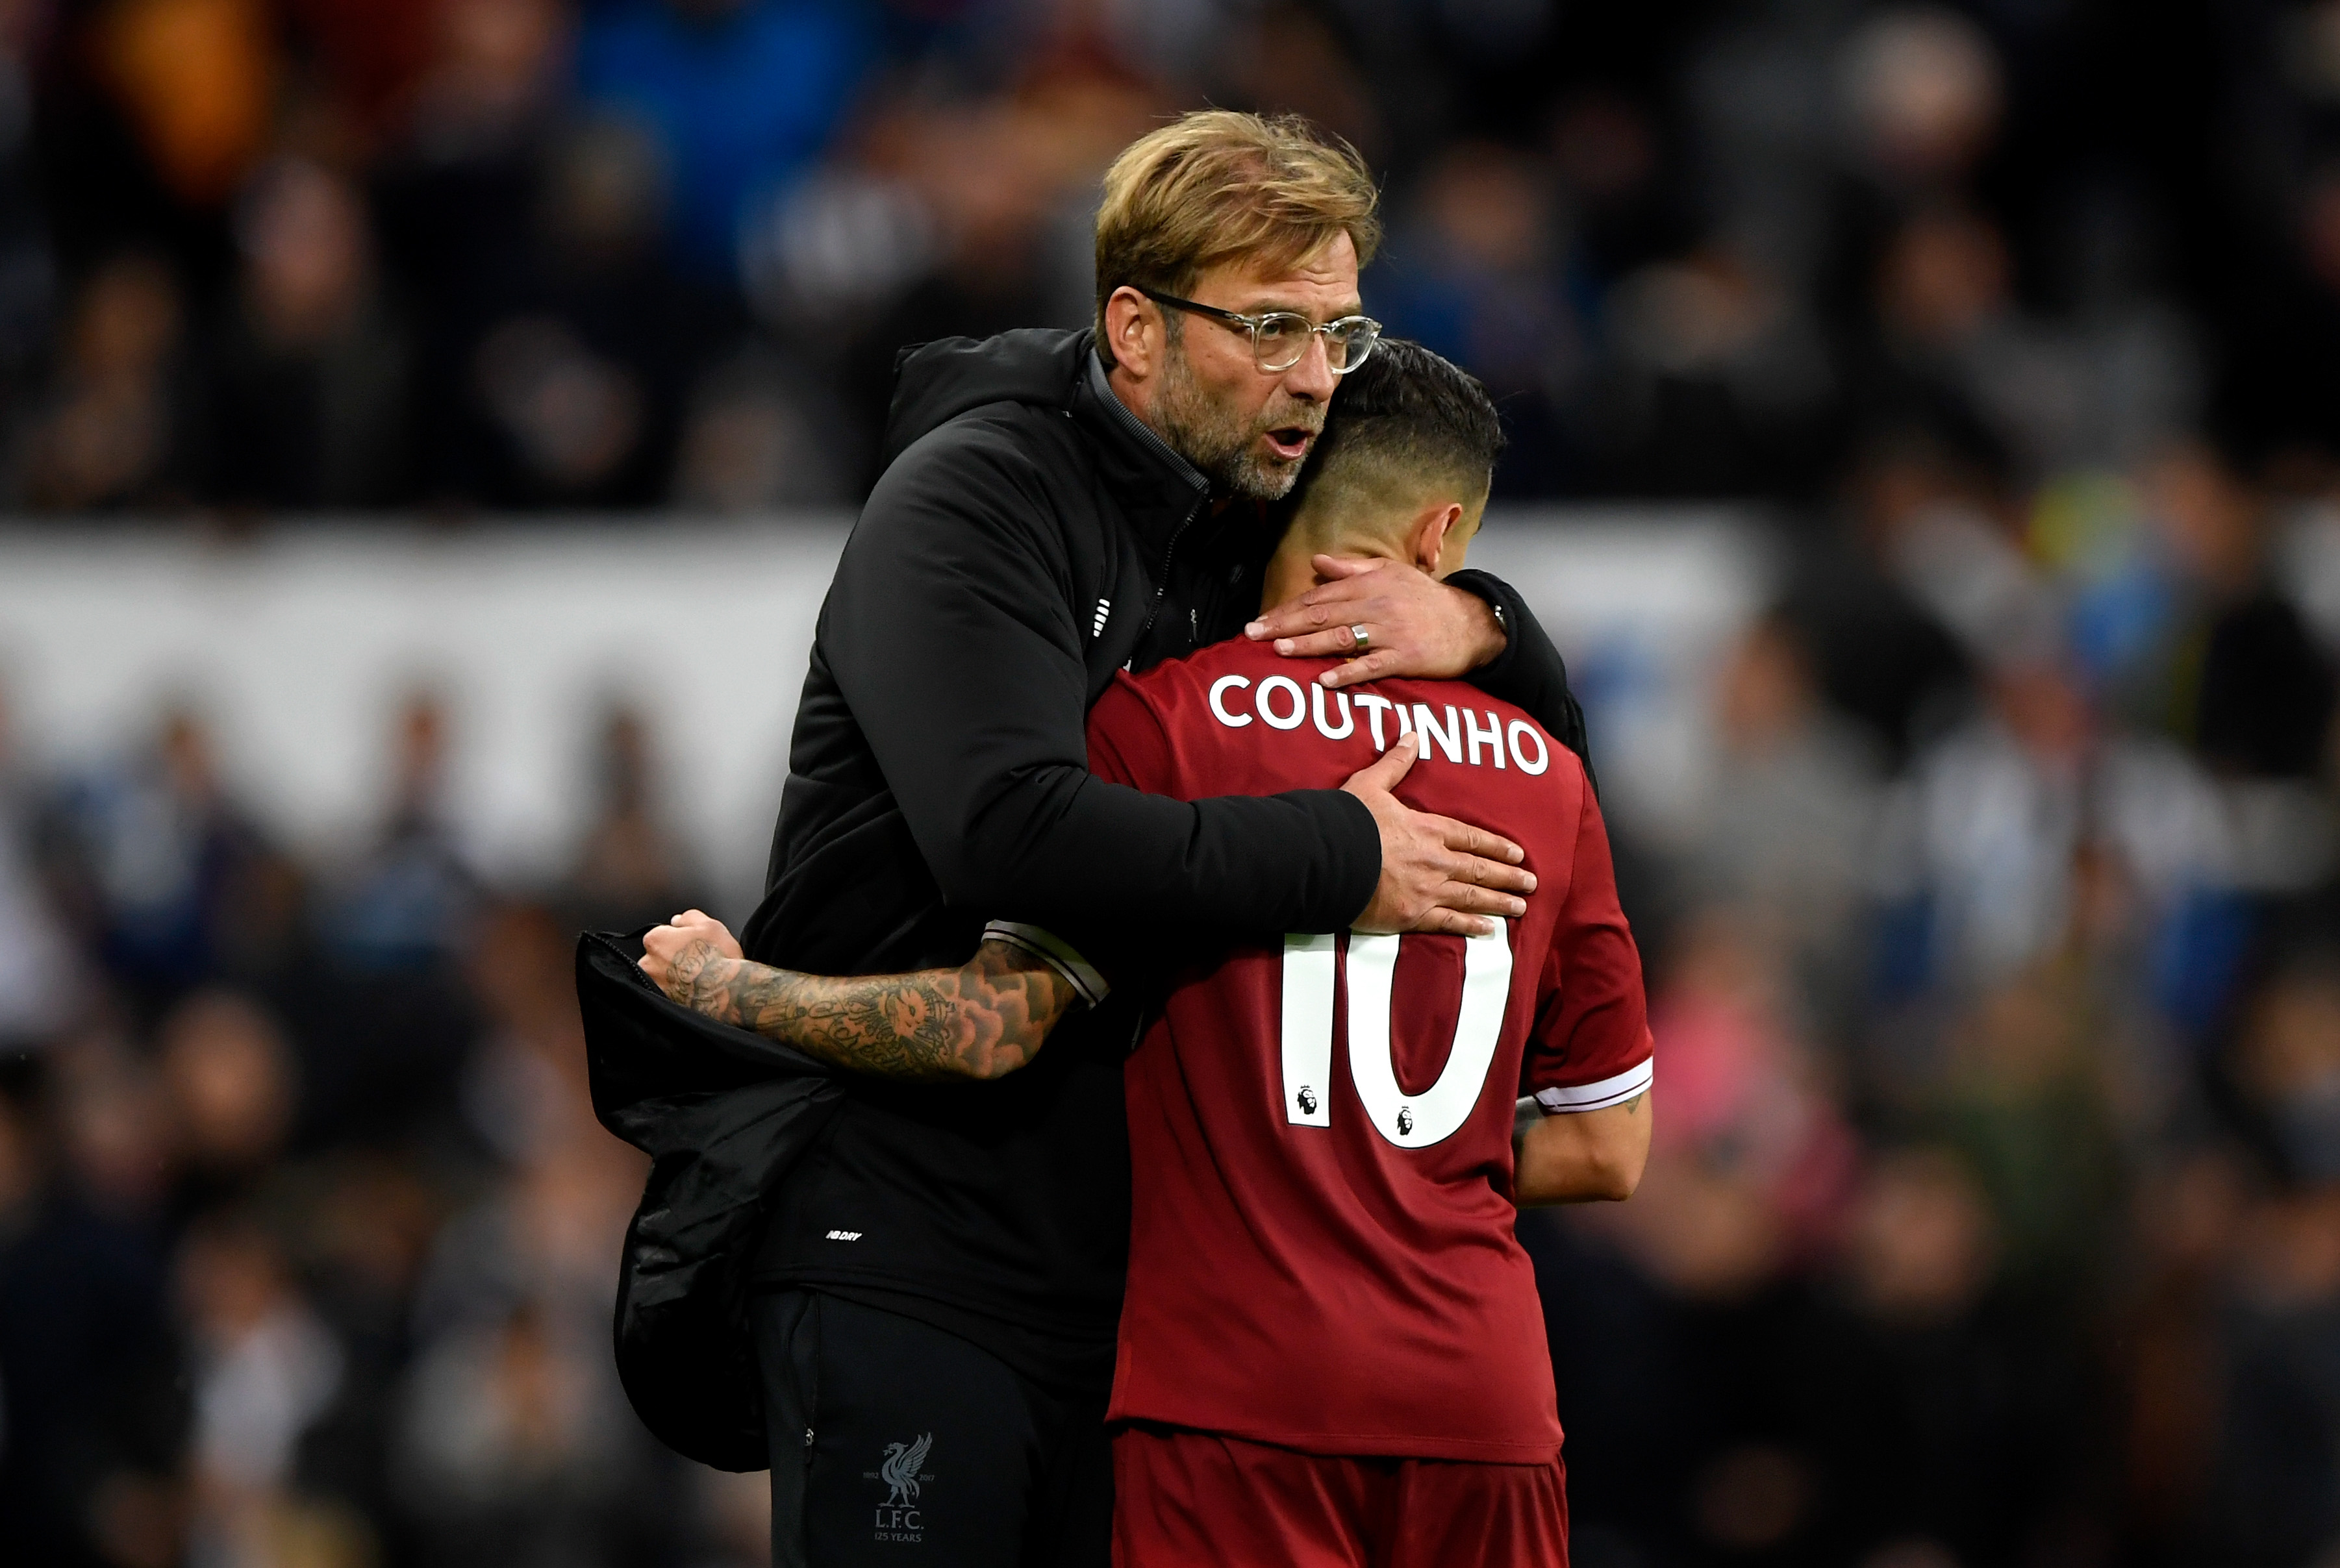 Jornal afirma que Coutinho já tem data para deixar o Liverpool